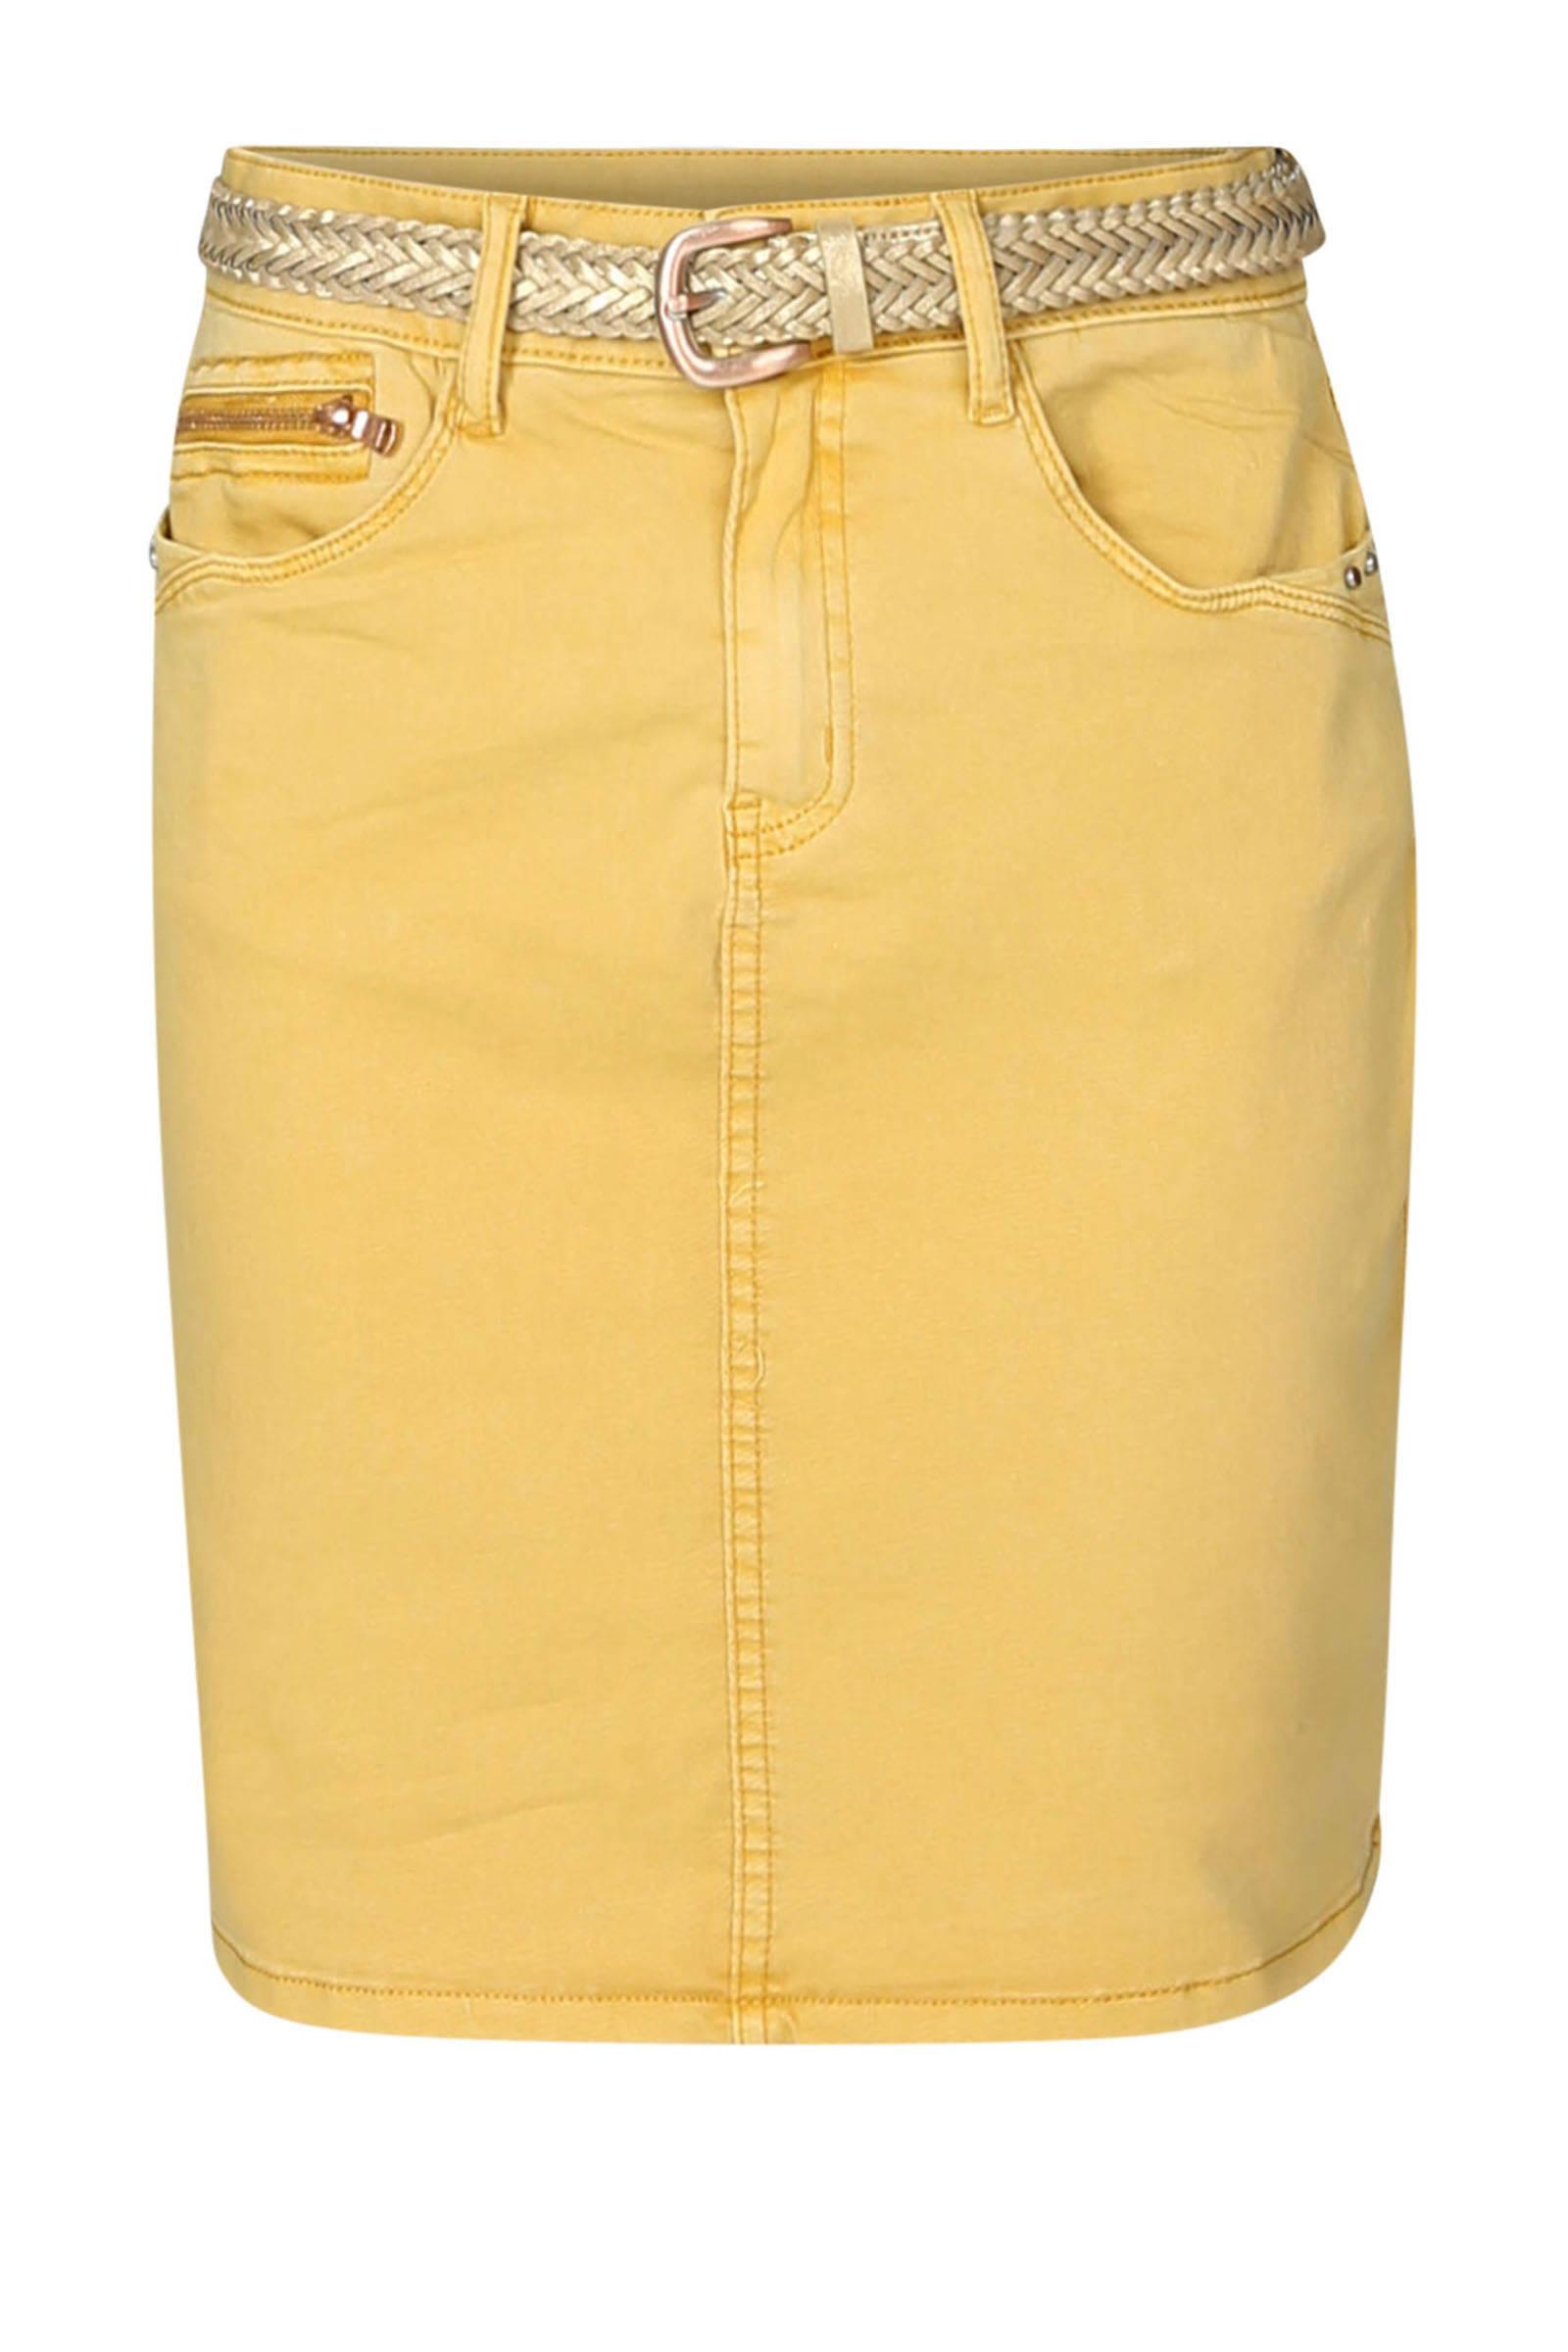 kokerrok geel